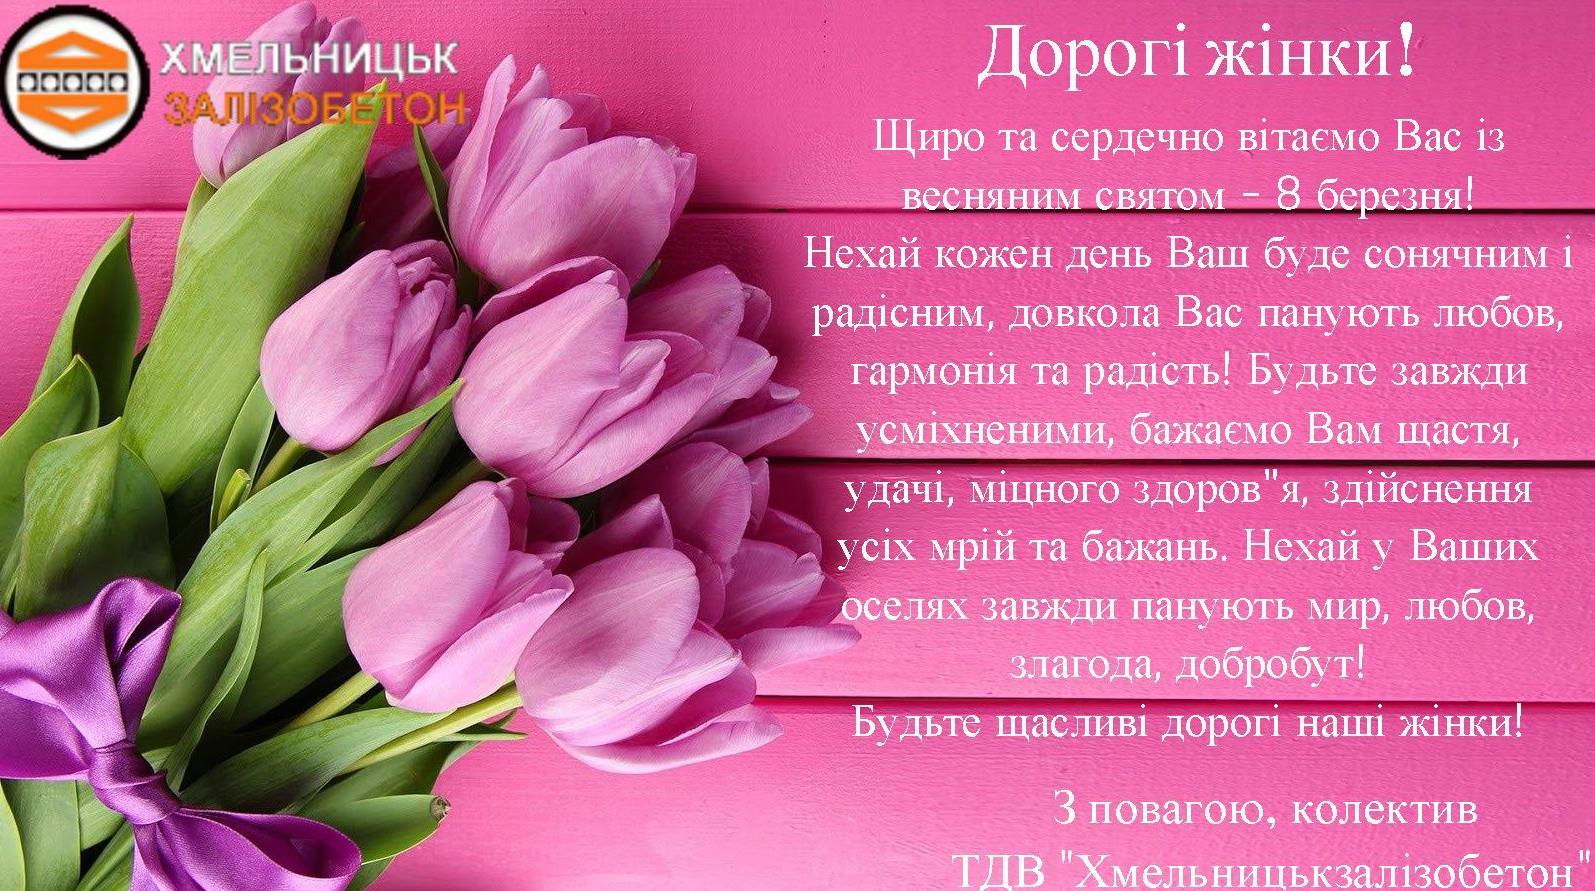 Вітаємо з 8 березня!